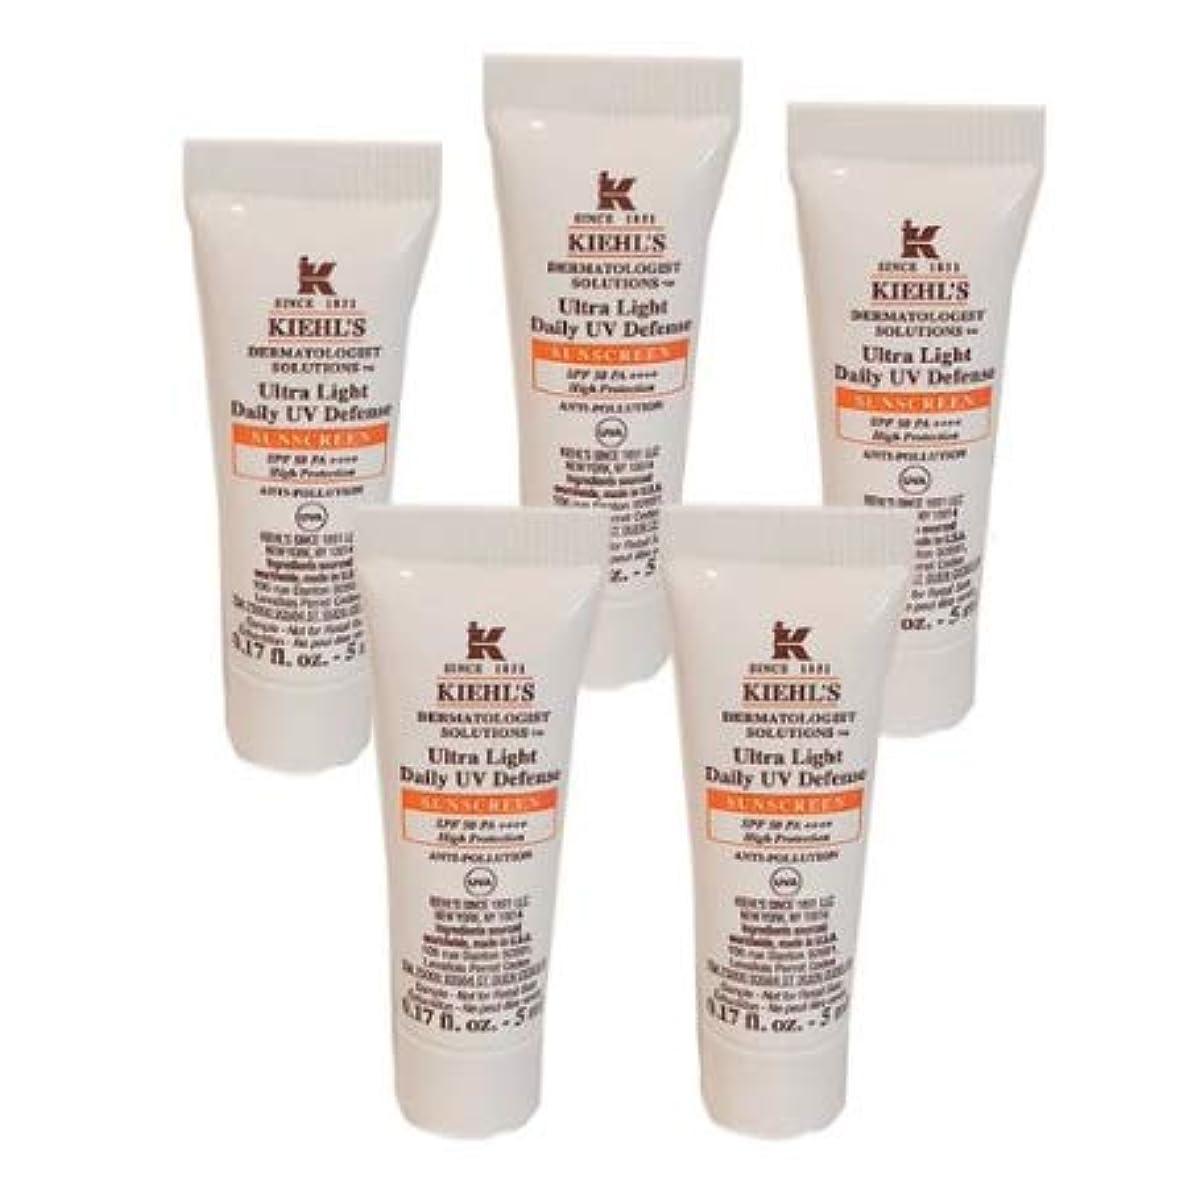 宣言する解釈的くそーKiehl's(キールズ) キールズ UVディフェンス (5ml x 5個) / KIEHL'S Ultra Light Daily UV Defense Sunscreen SPF 50 PA++++